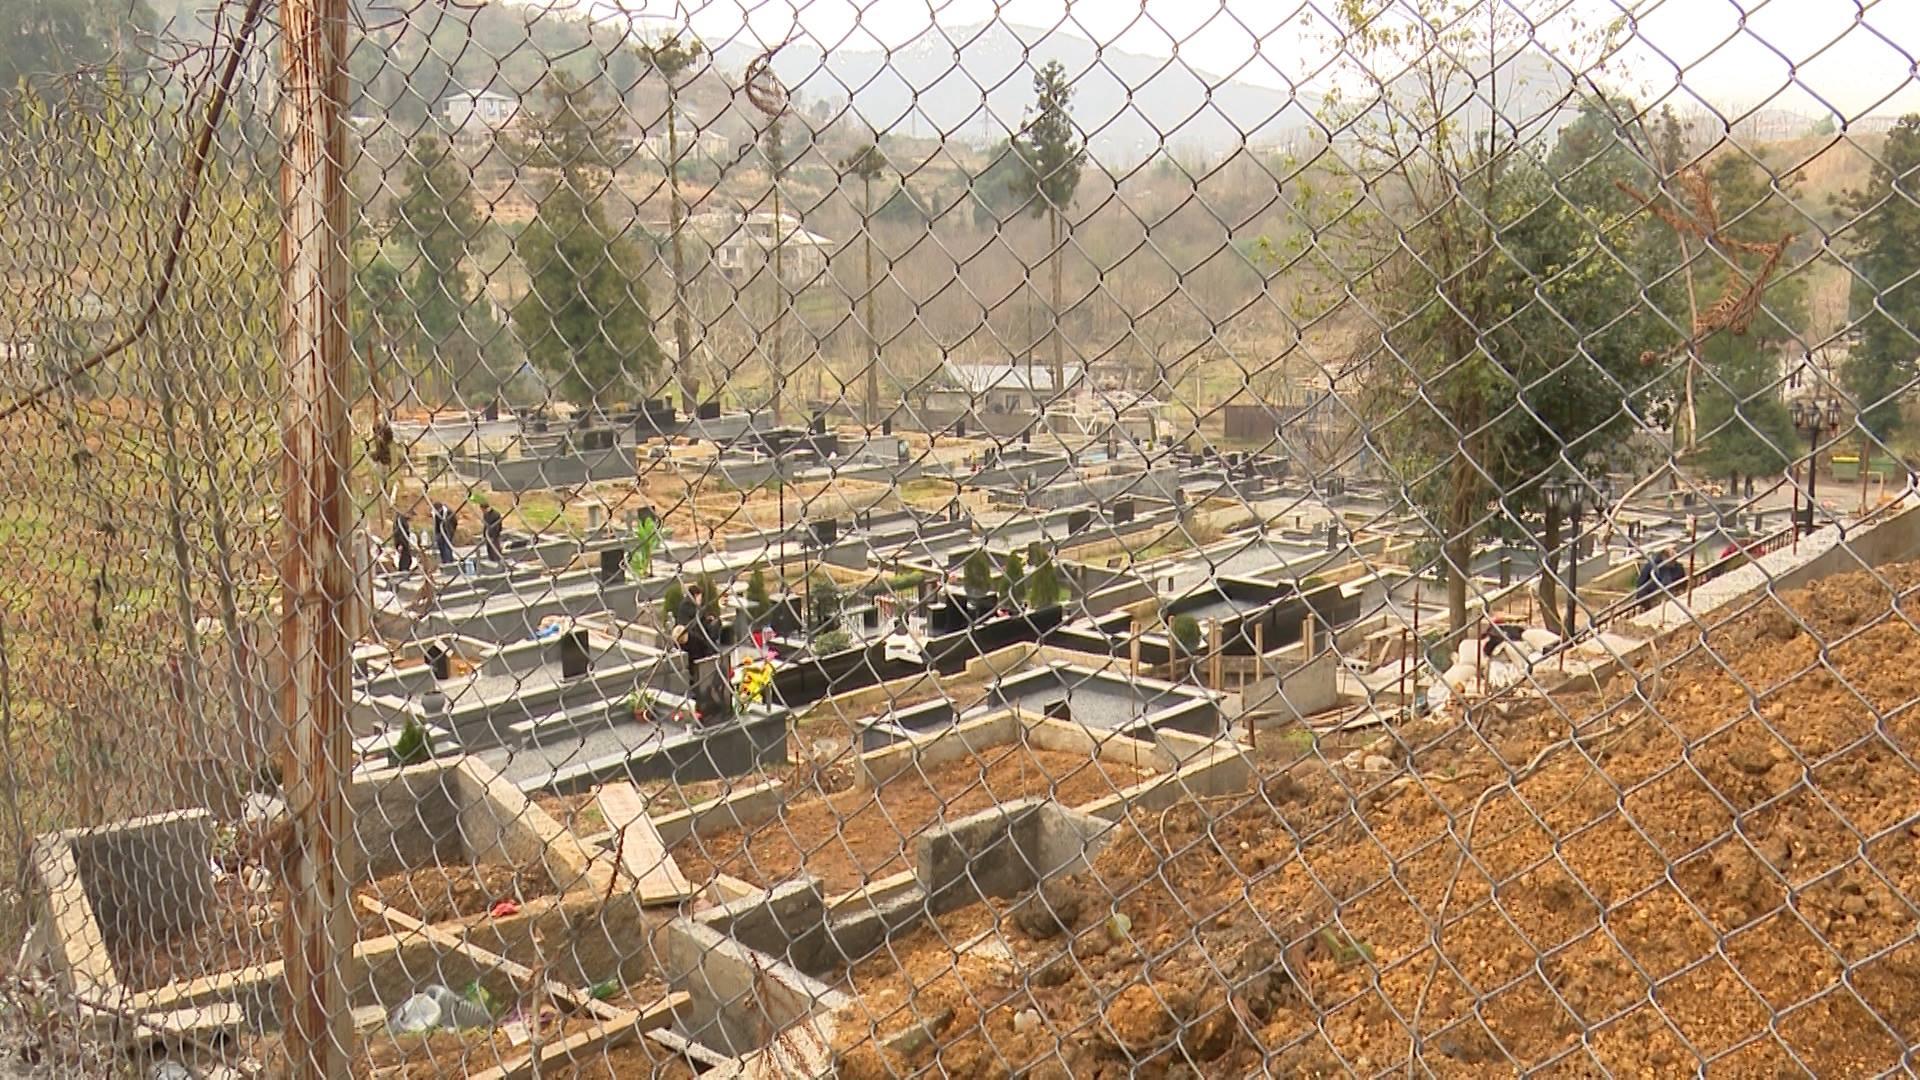 განთიადის მოსახლეობა სასაფლაოს ტერიტორიის გაზრდას აპროტესტებს